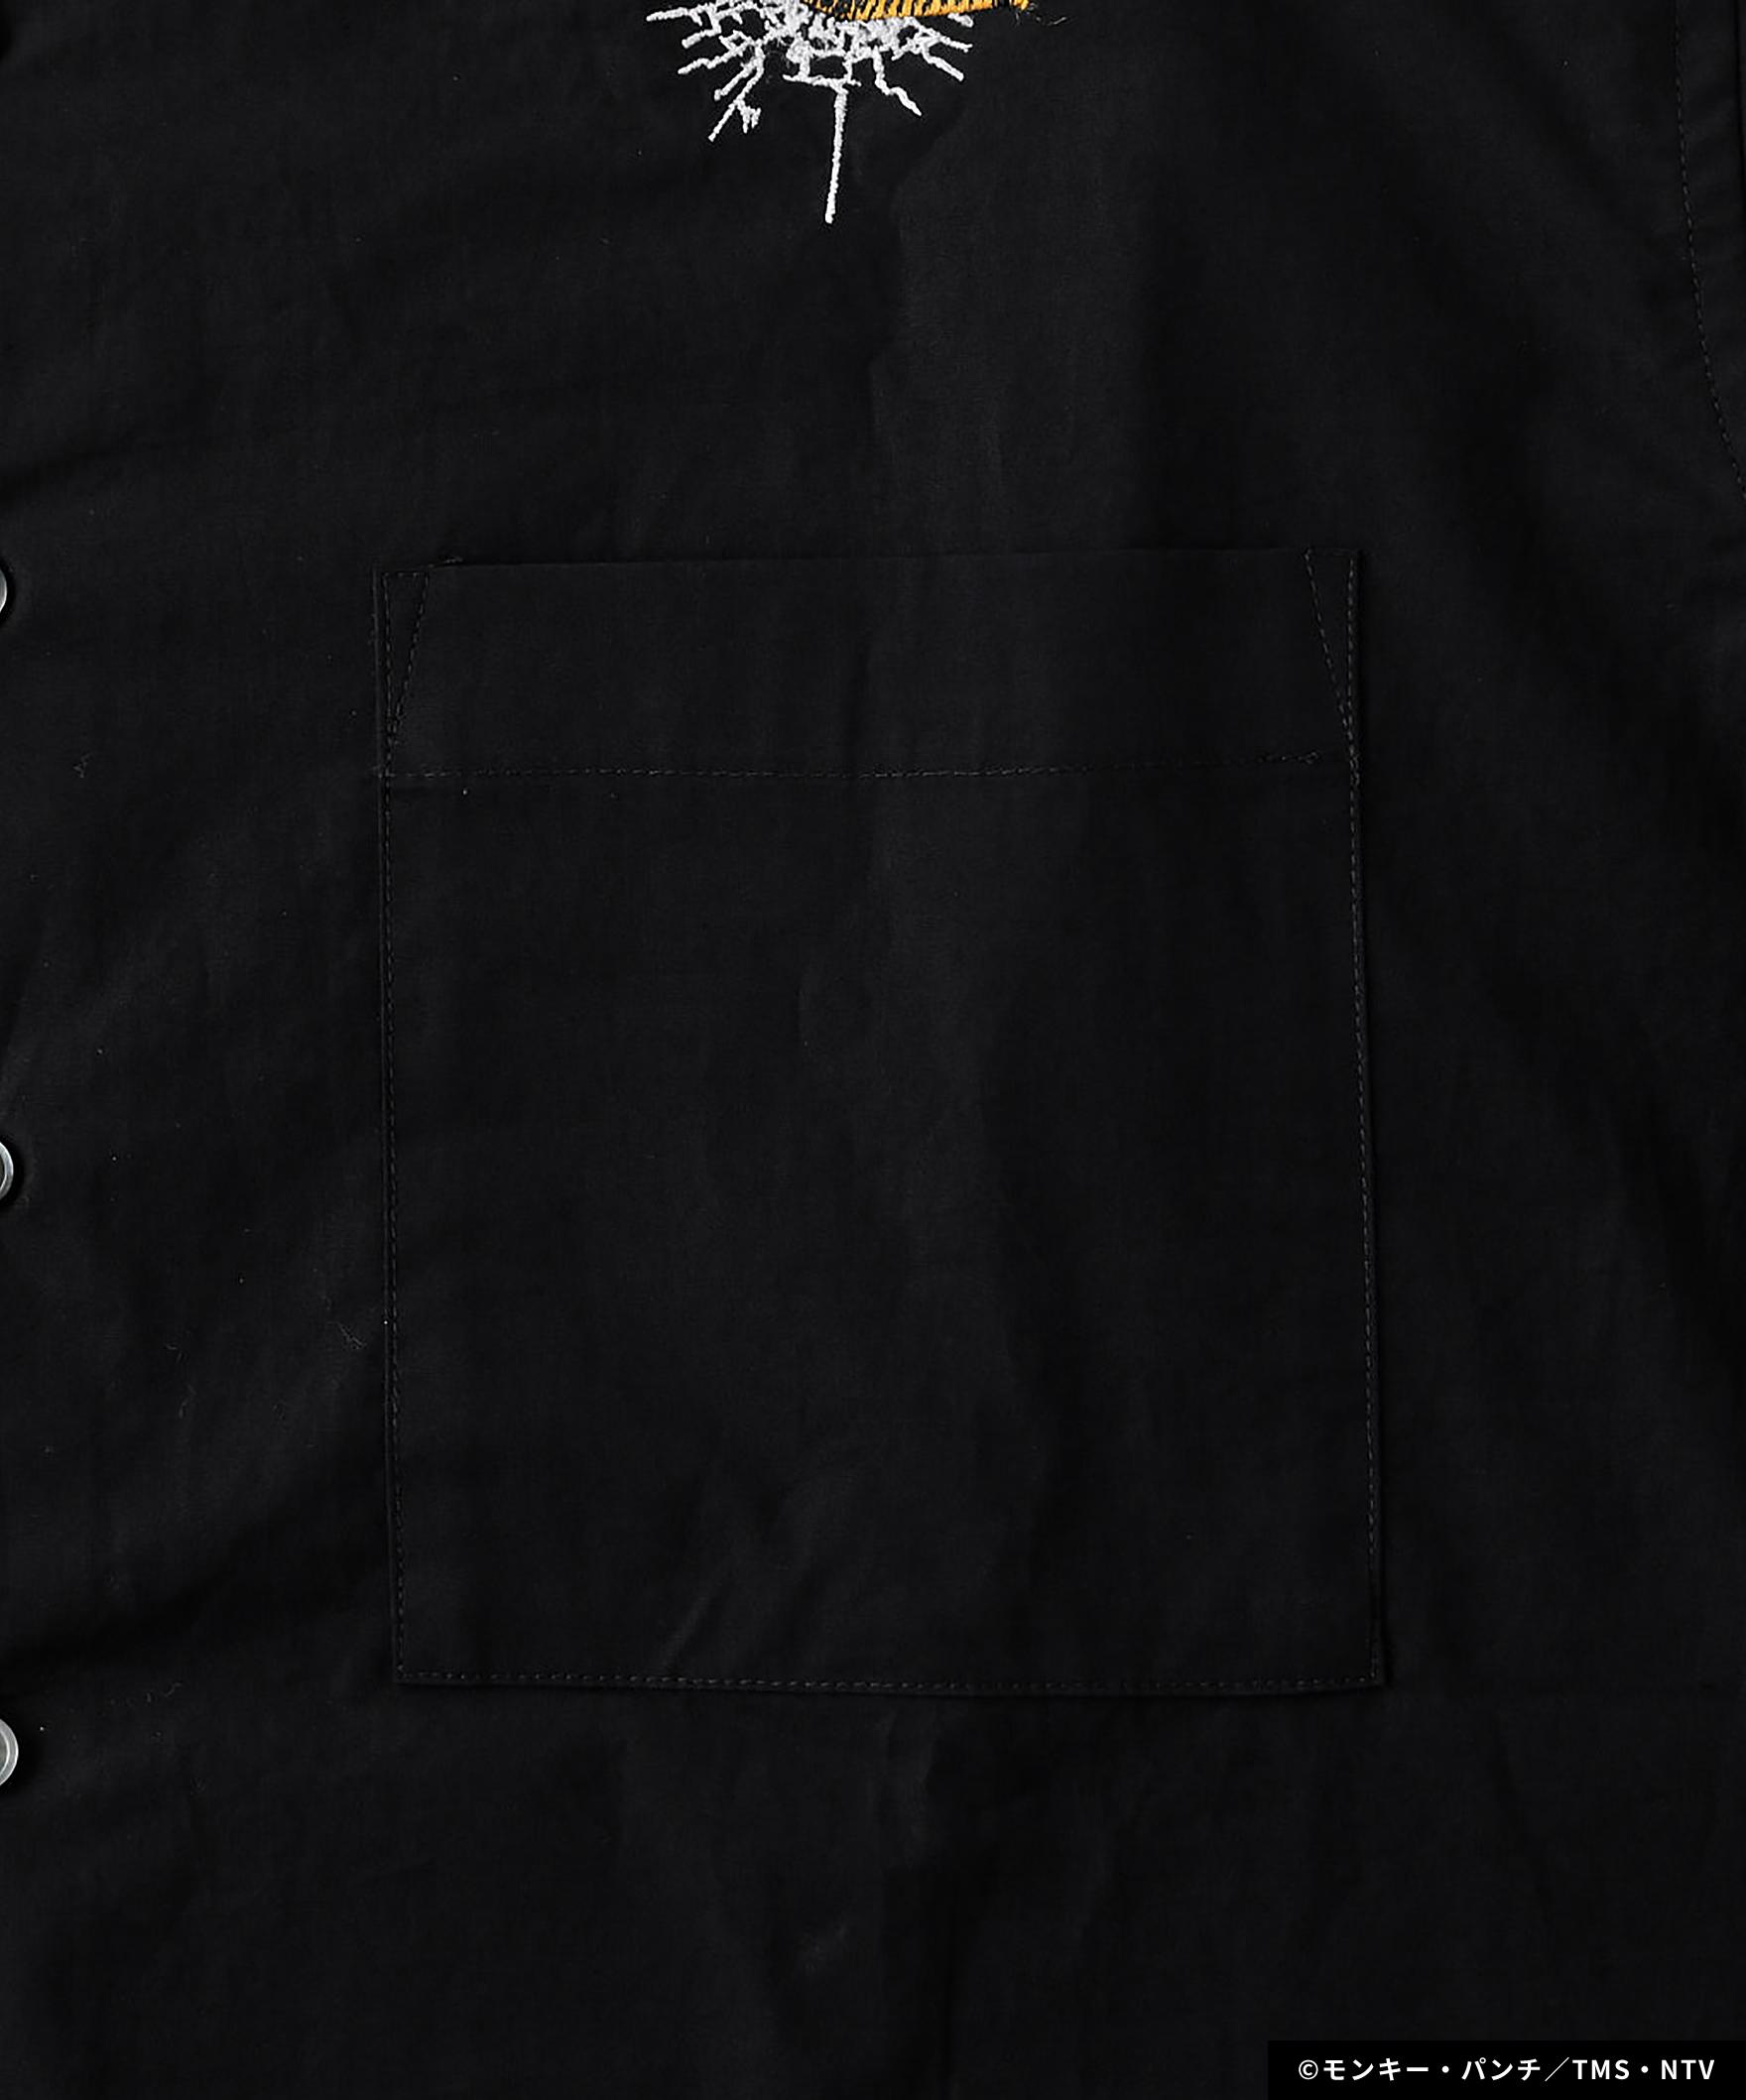 ルパン三世エンブロイダリーシャツ